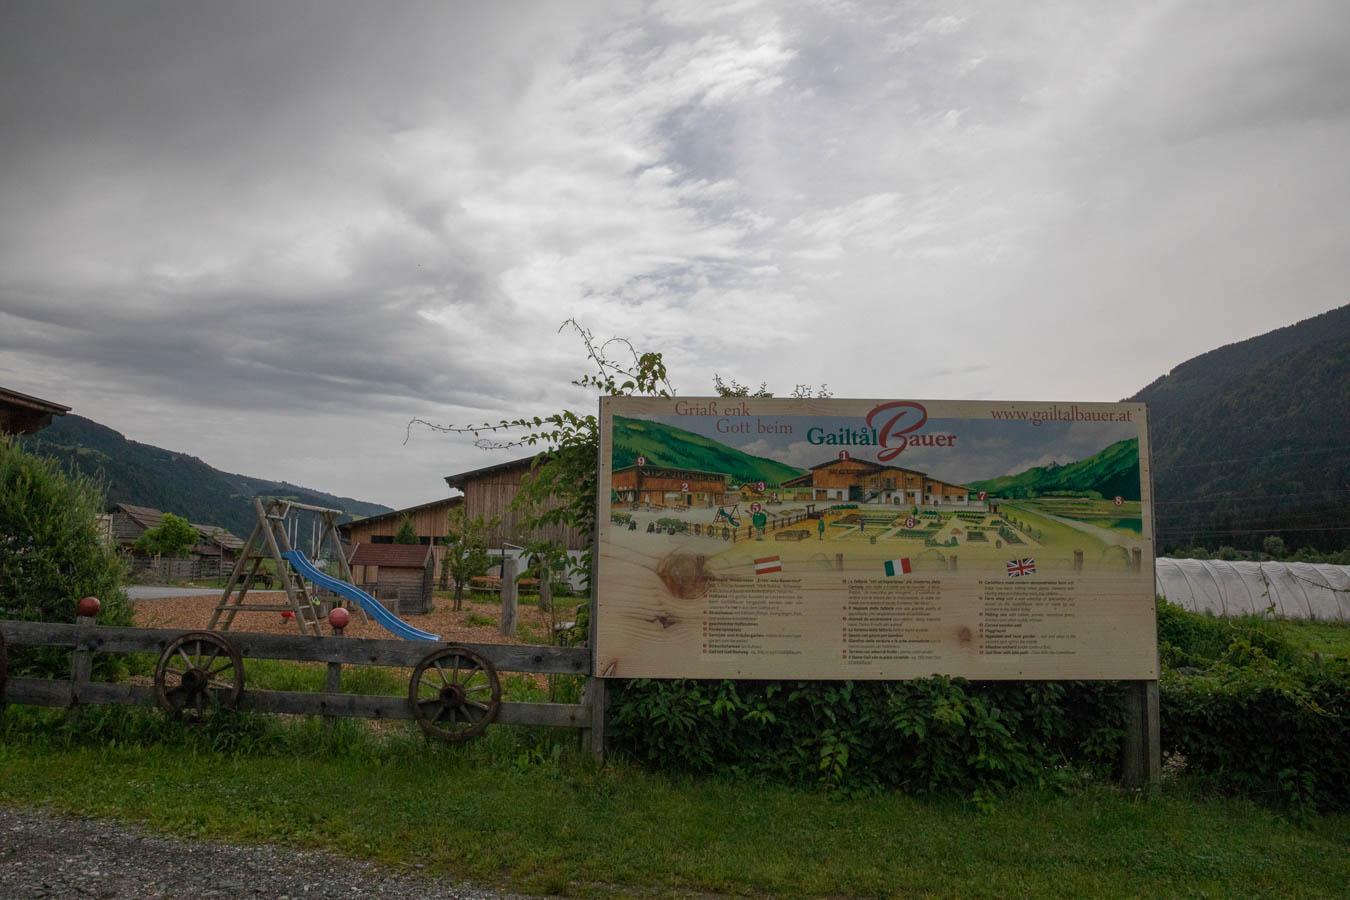 villa-sonnata-omgeving-gailtal-bauer